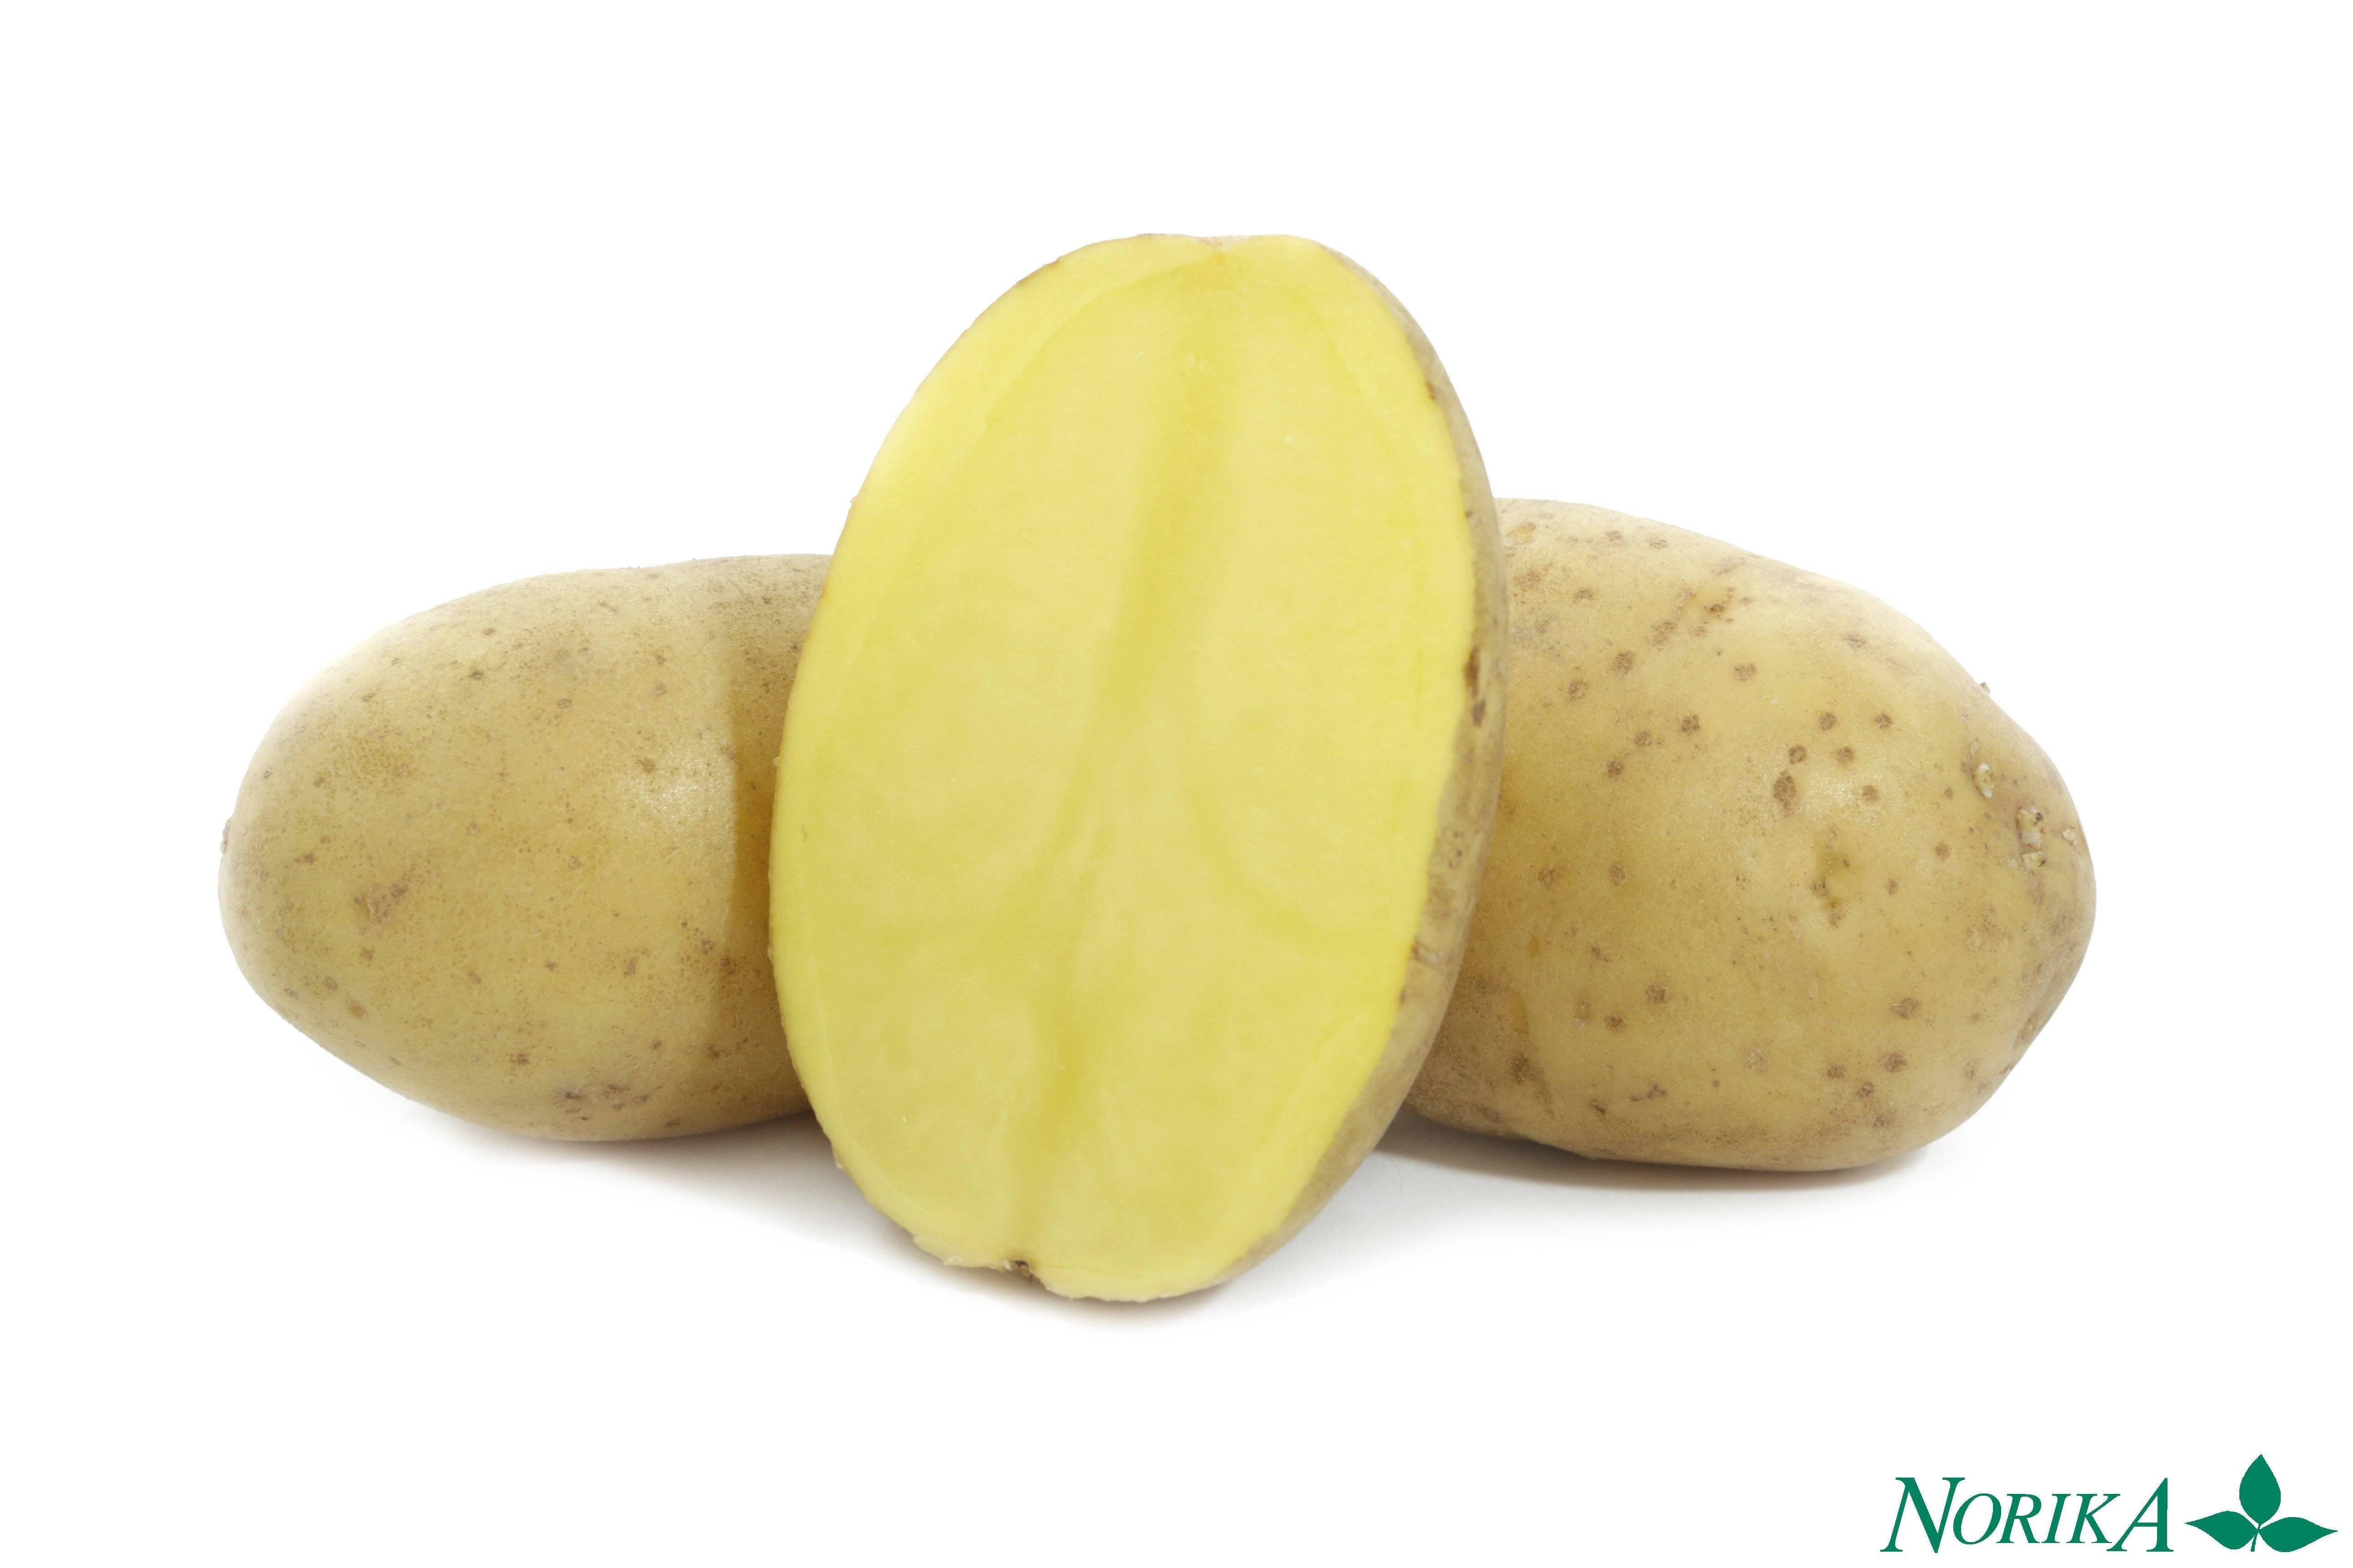 Подарок из германии — картофель «крона»: характеристика сорта и полезные советы